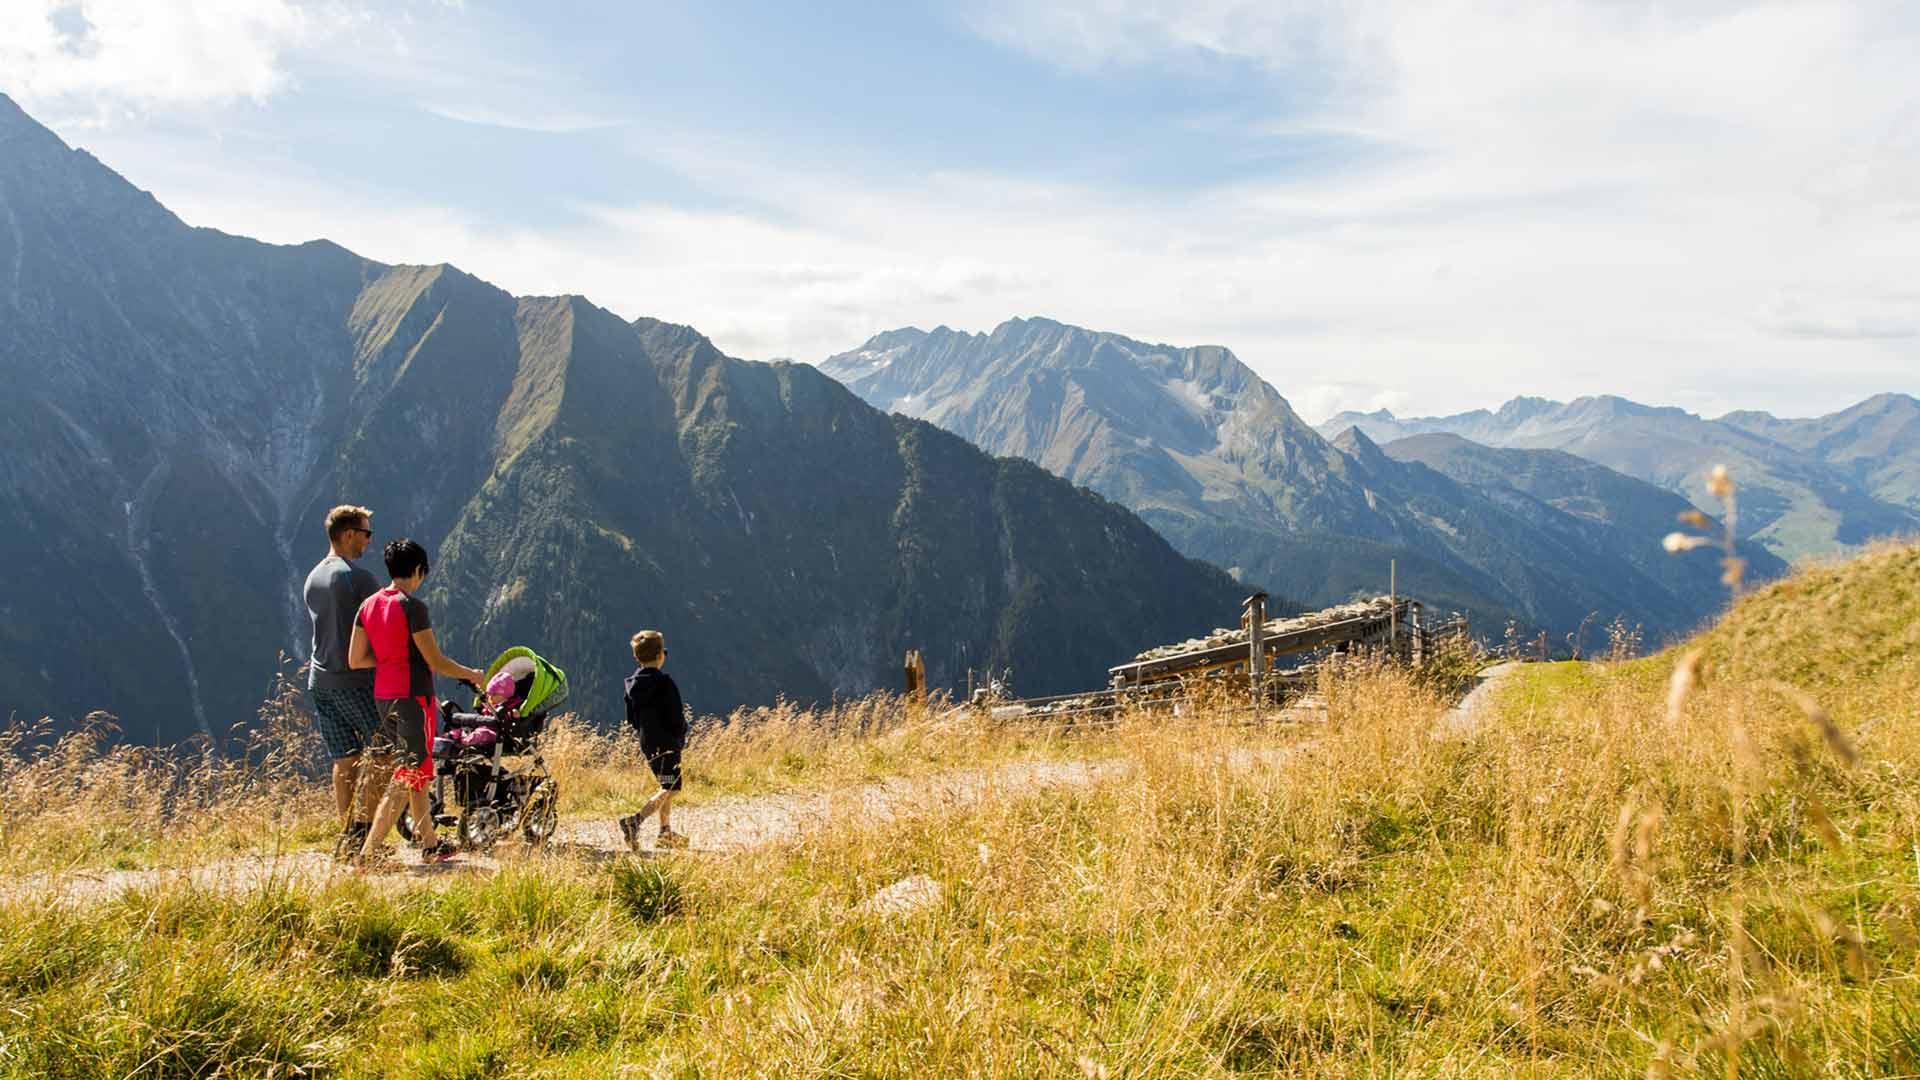 brixnerhof im zillertal: zillertal, berge, ausblick